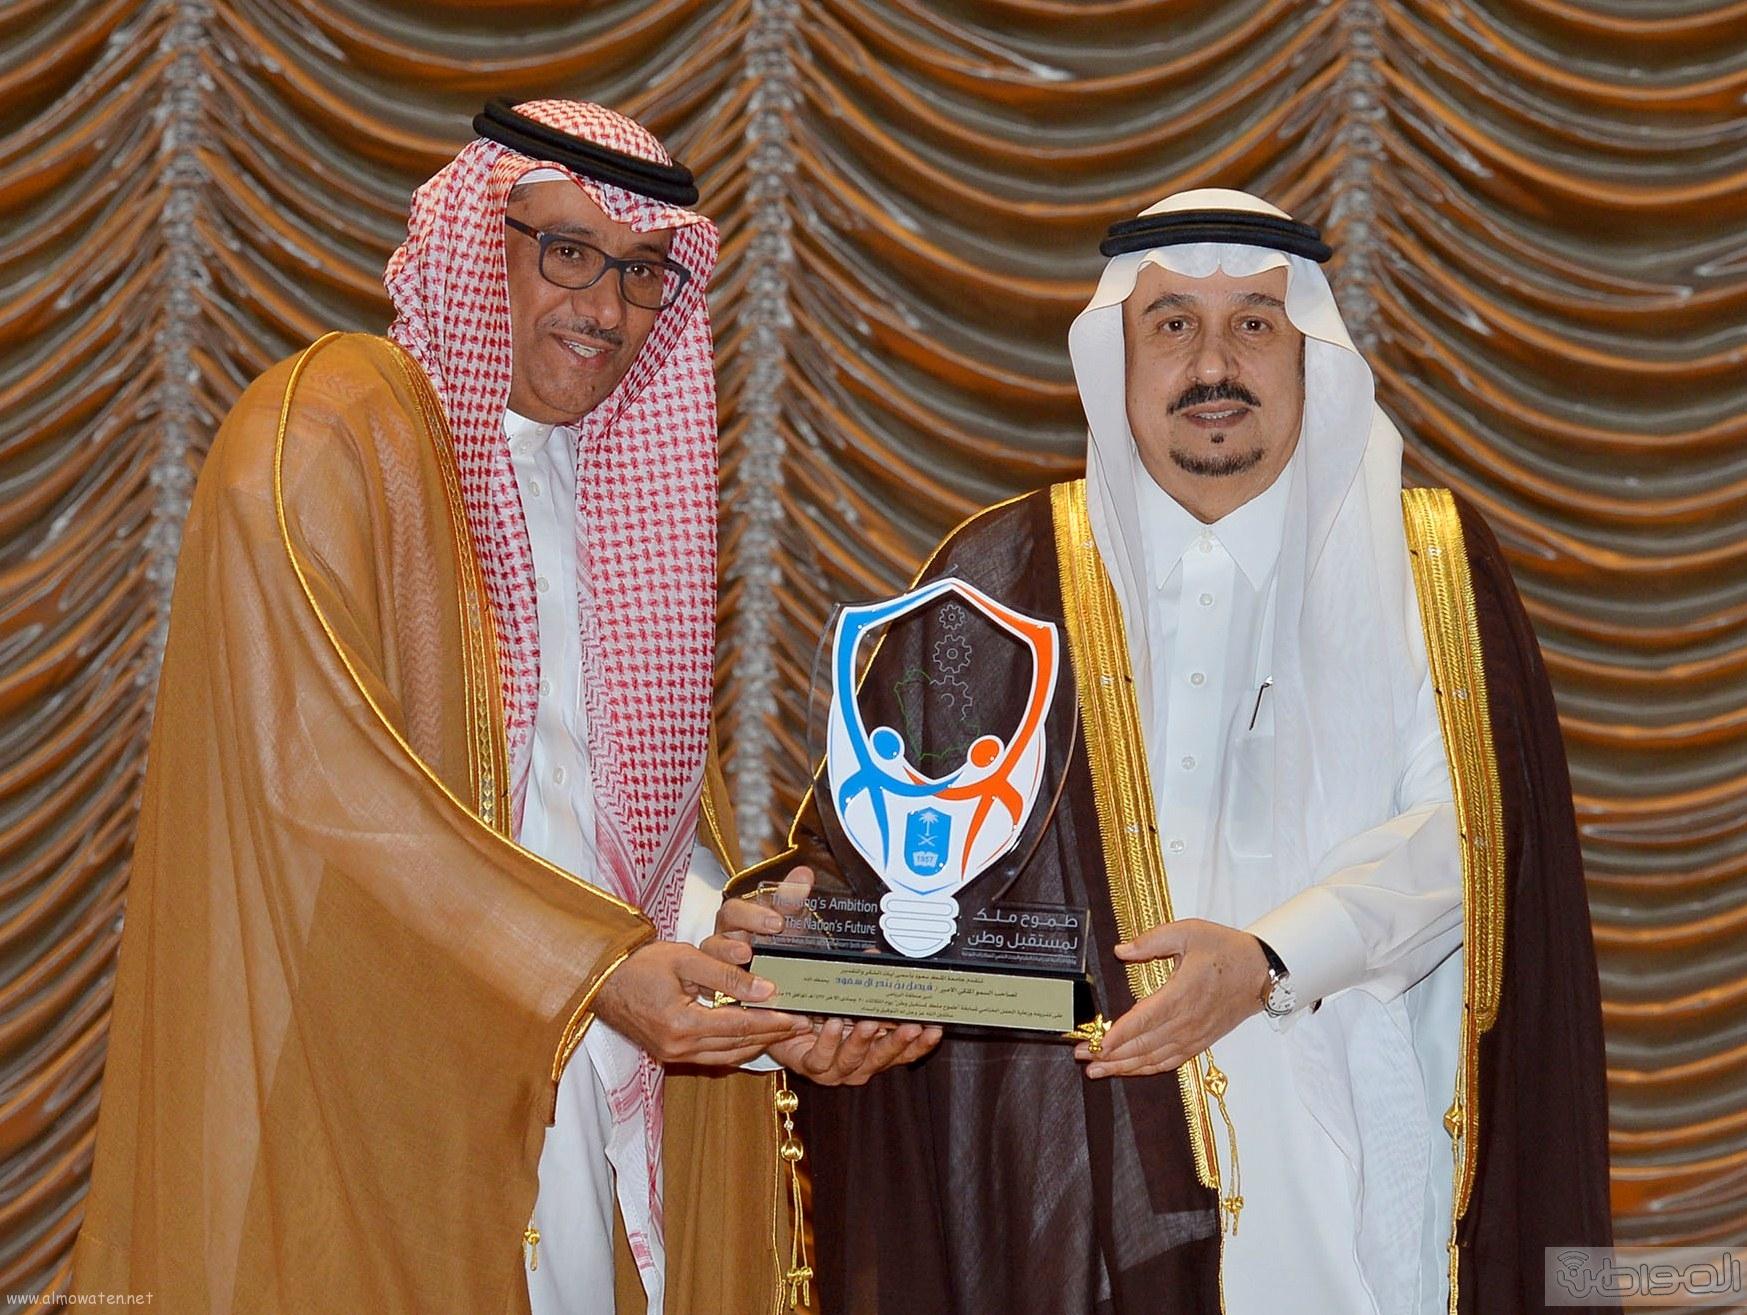 امير الرياض خلال رعاية طموح ملك لمستقبل وطن (16)